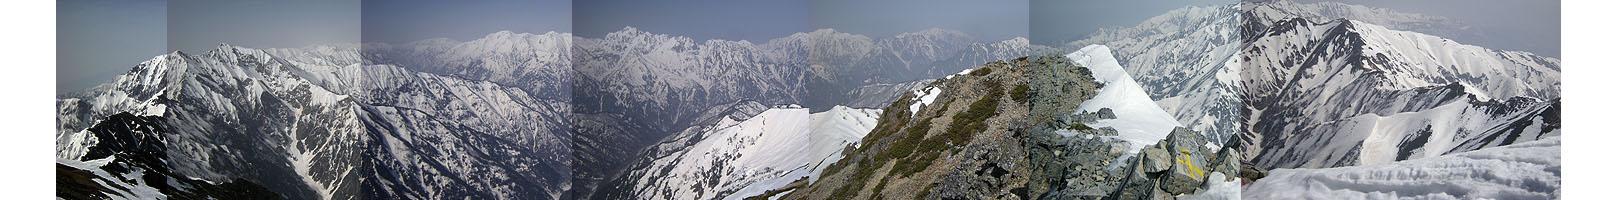 100505五竜岳山頂からの展望